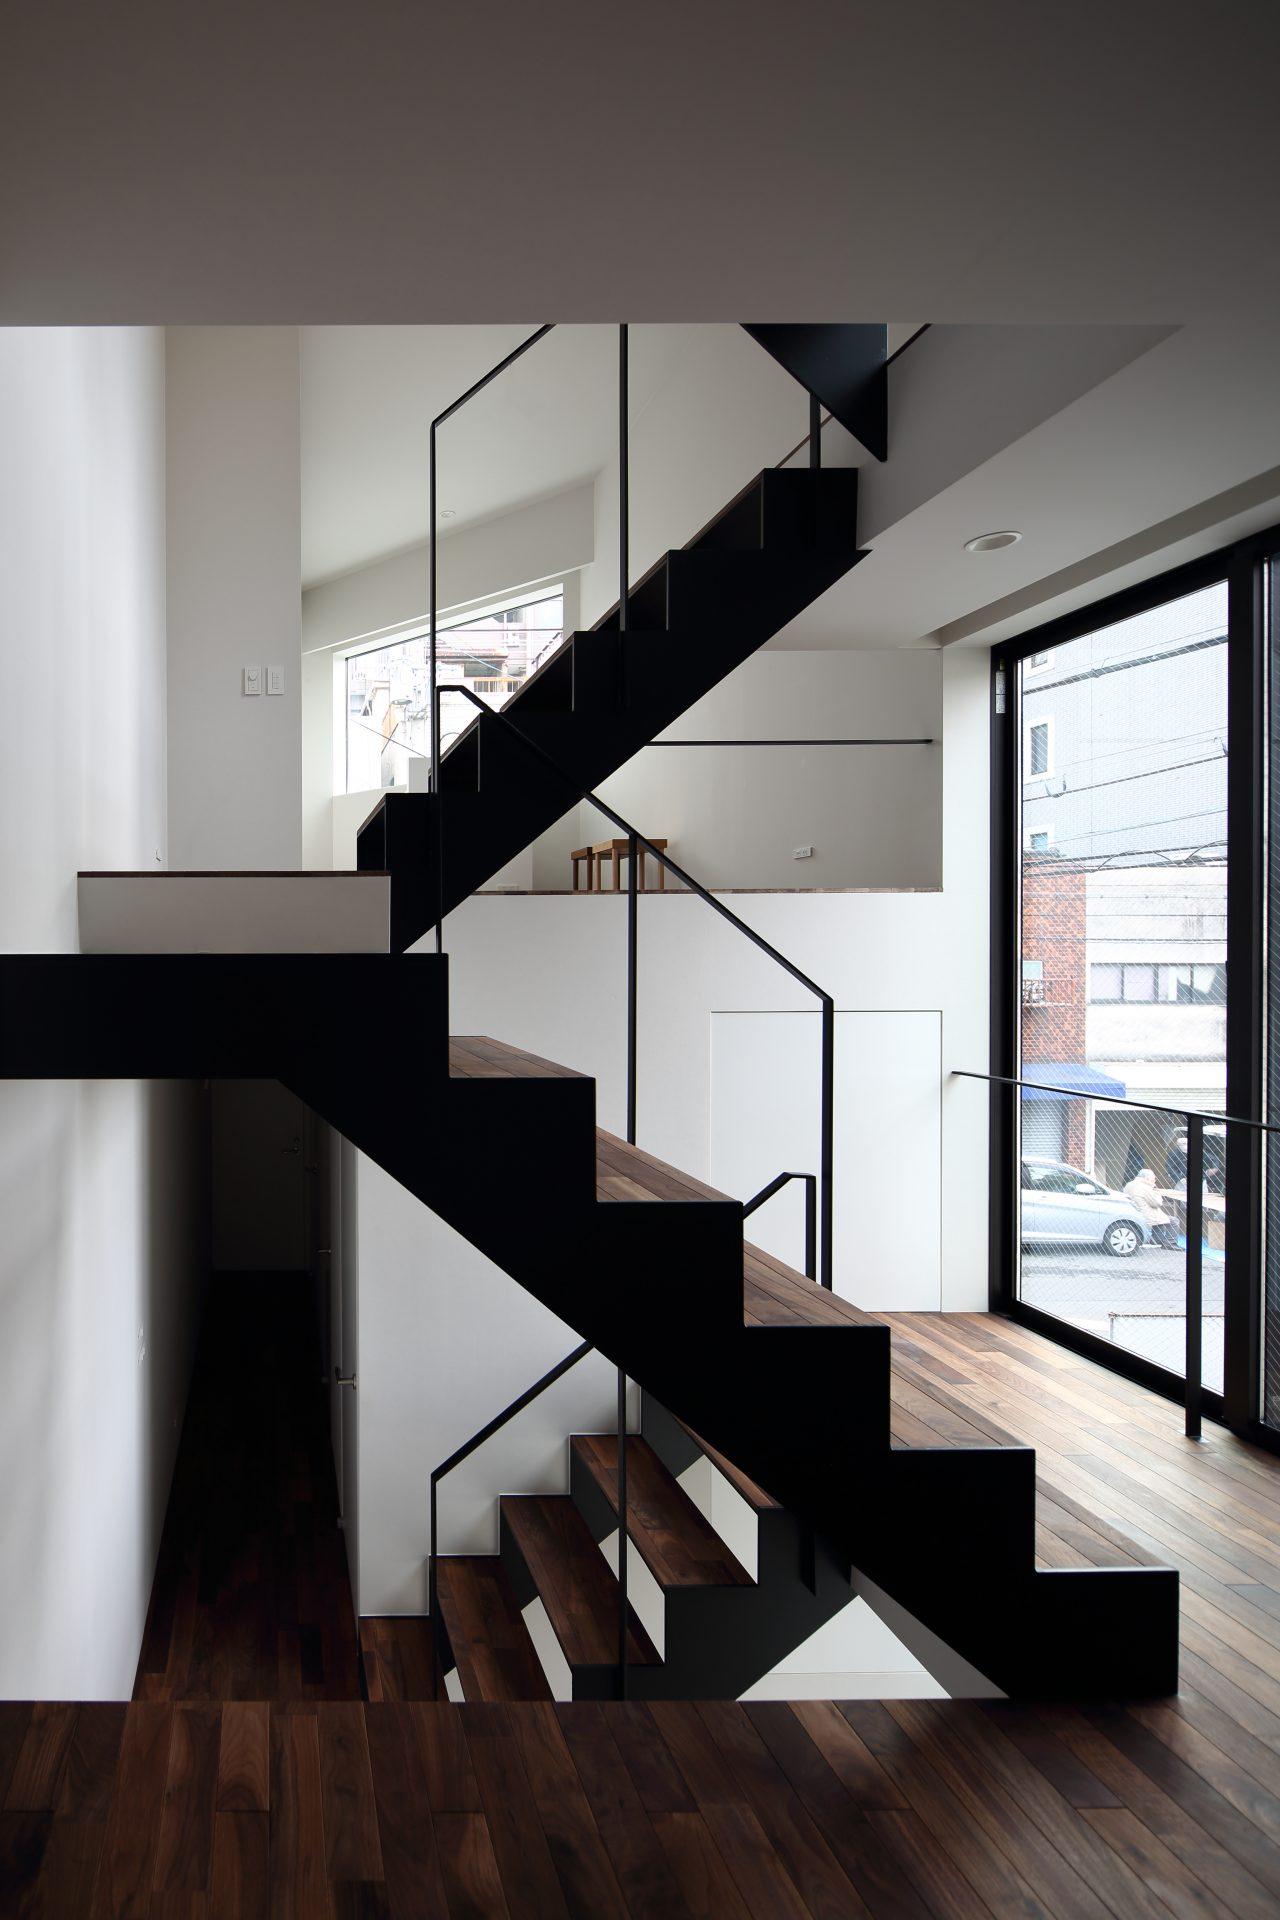 大阪上本町の小さな家の階段02